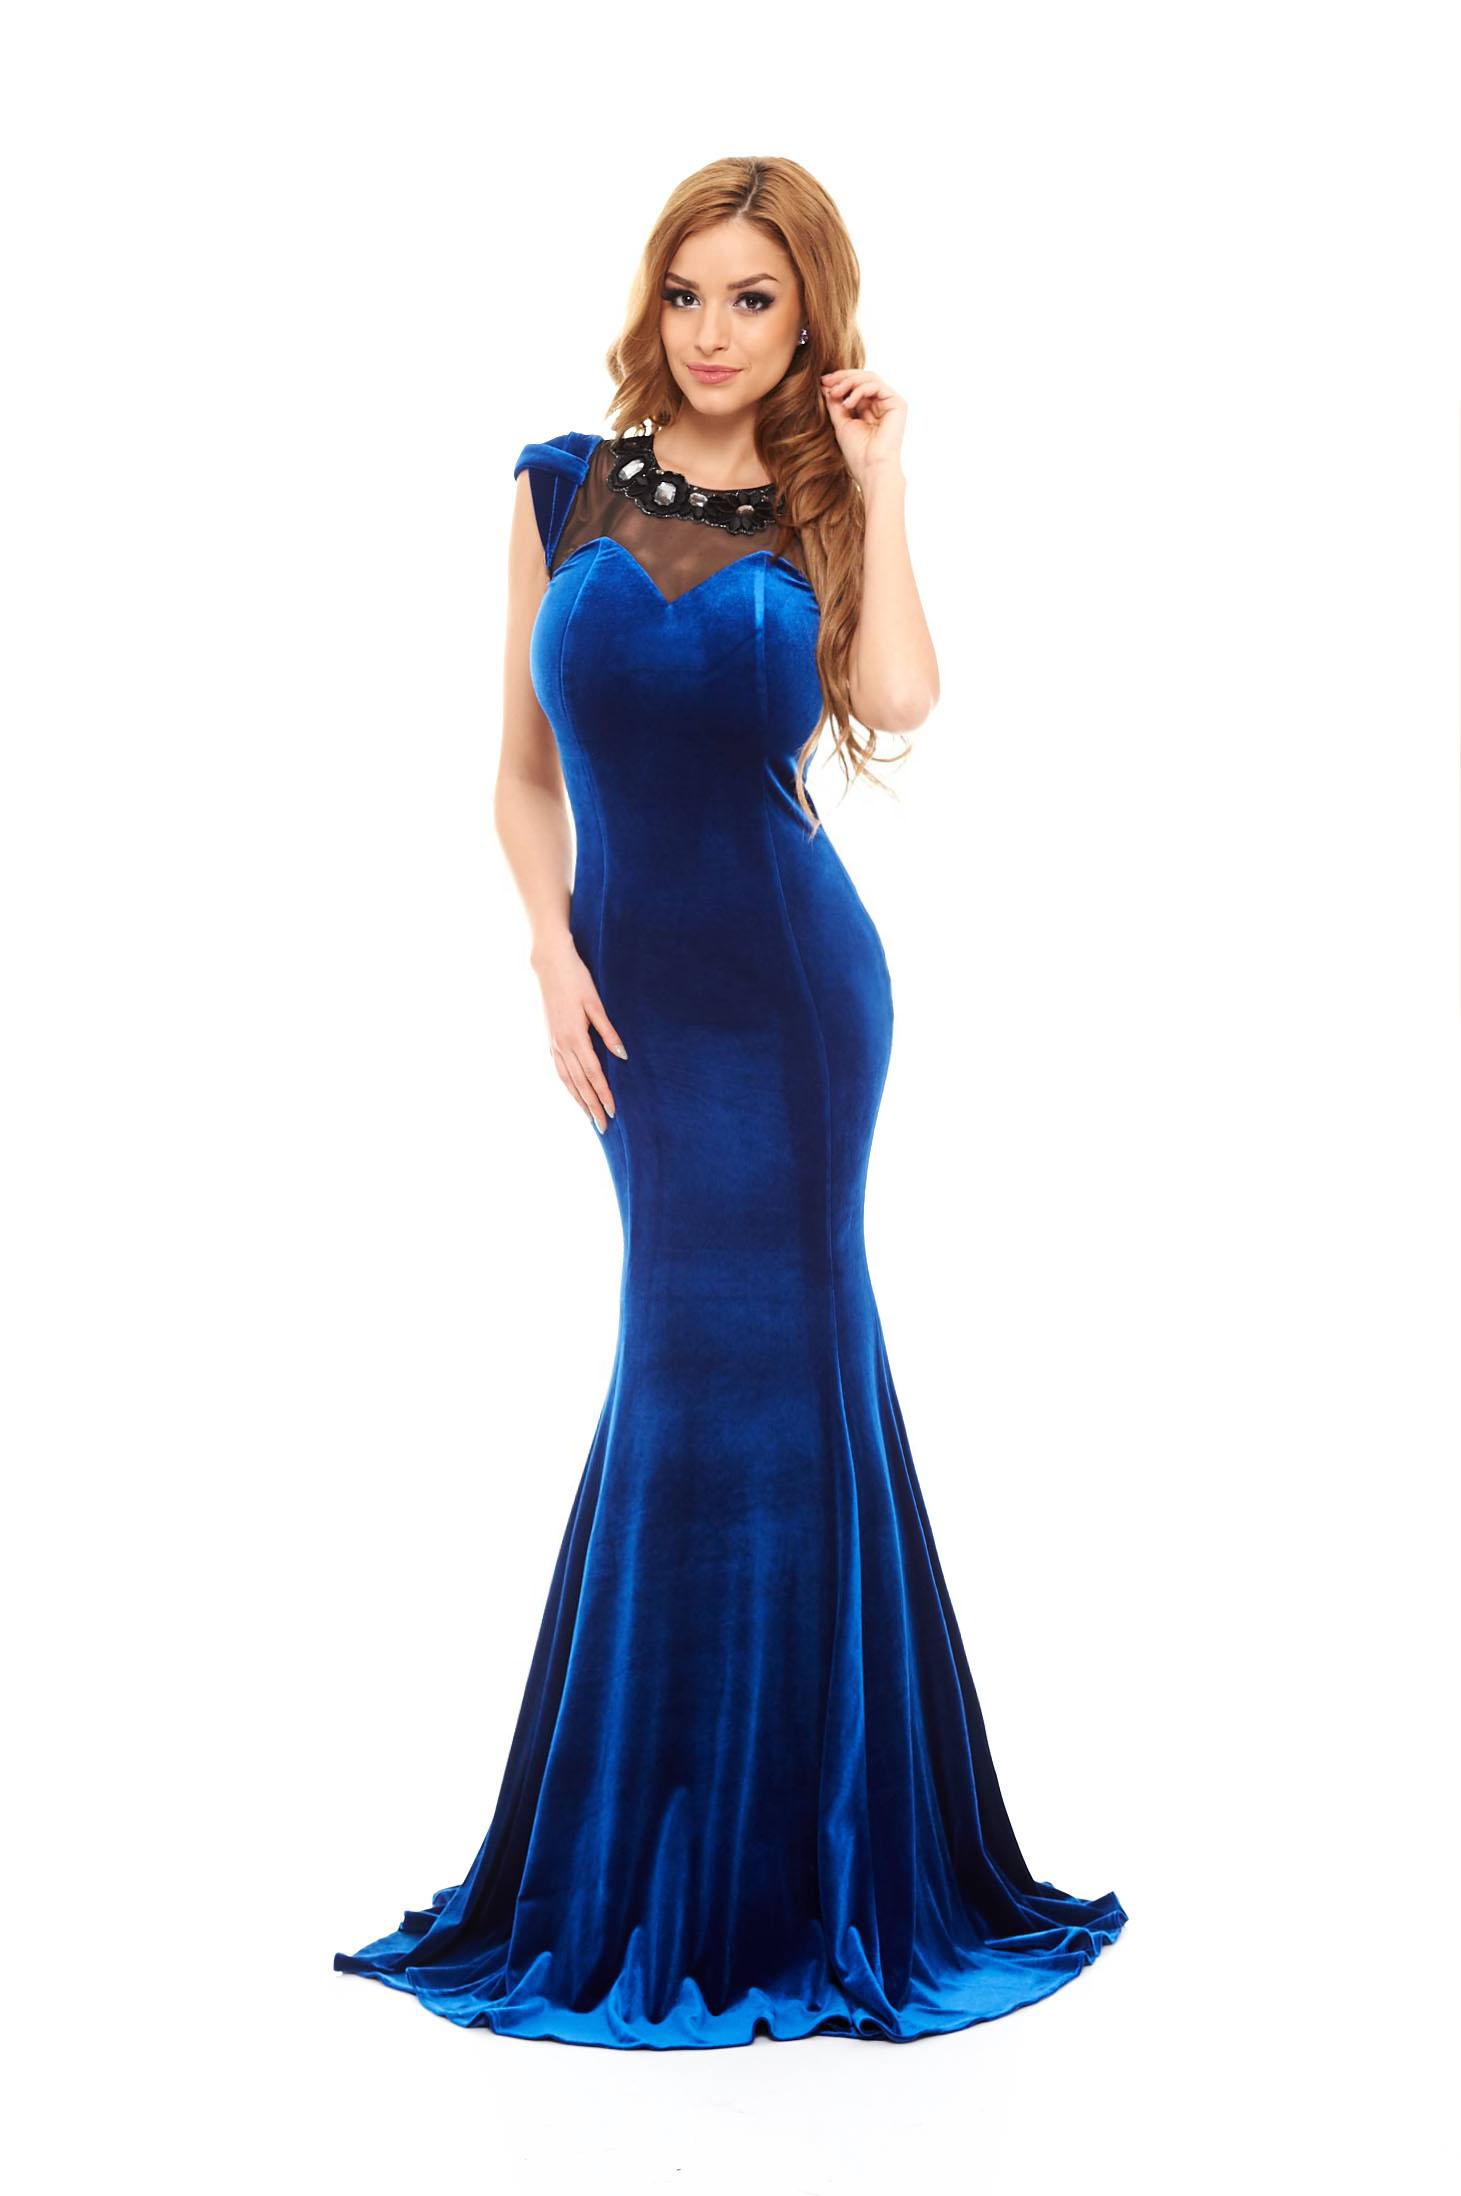 LaDonna Prima Diva DarkBlue Dress